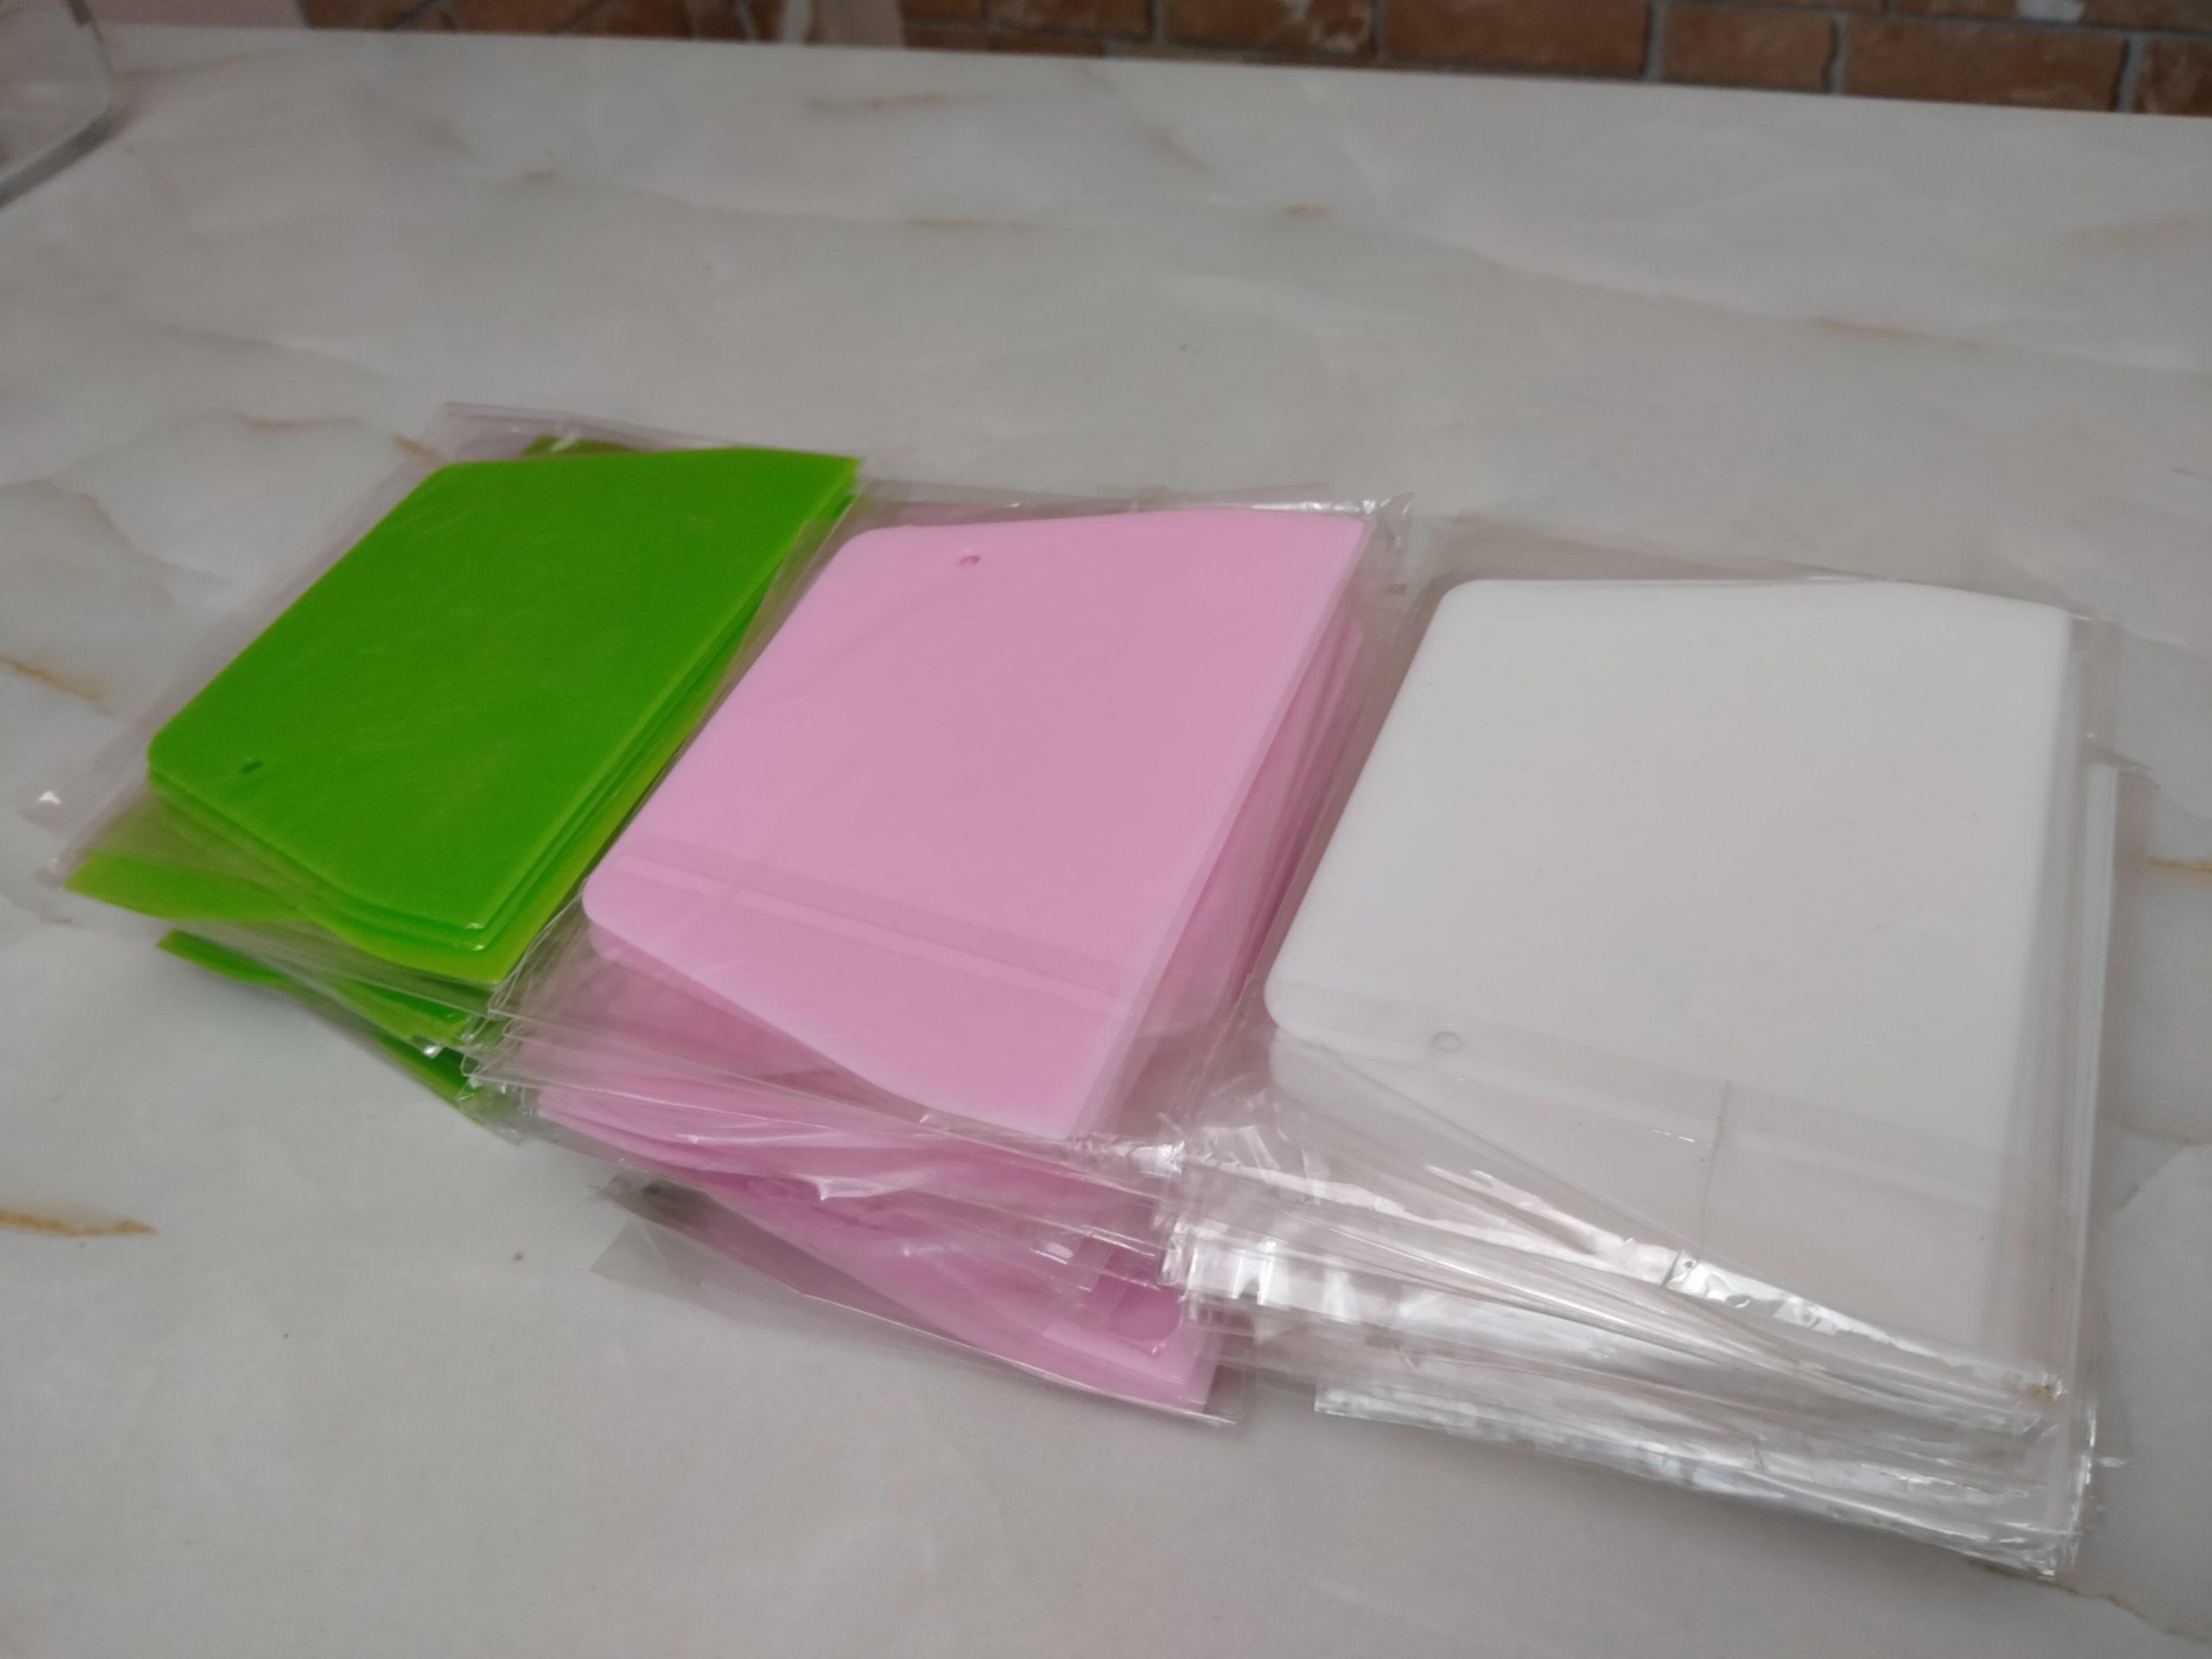 Sanal Fırın - Pastane ve Fırıncılık Malzemeleri PLASTİK HAMUR KESKİSİ (Yeşil)